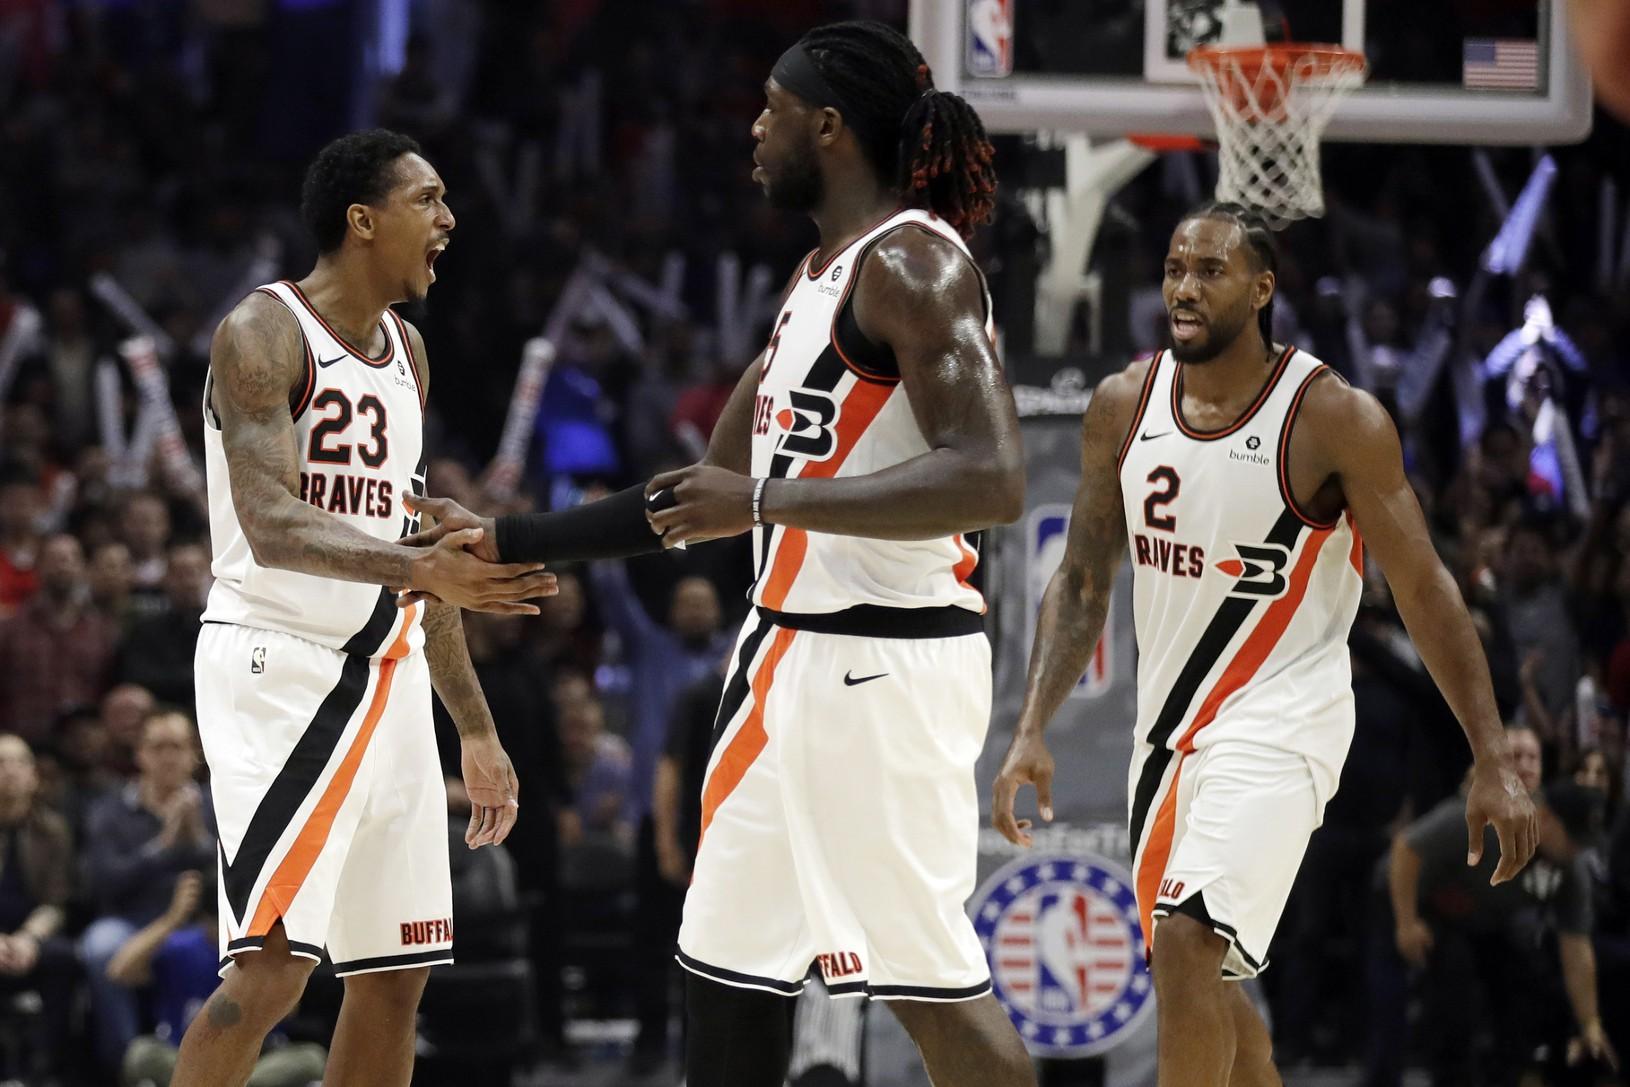 Radujúca sa trojica Clippers